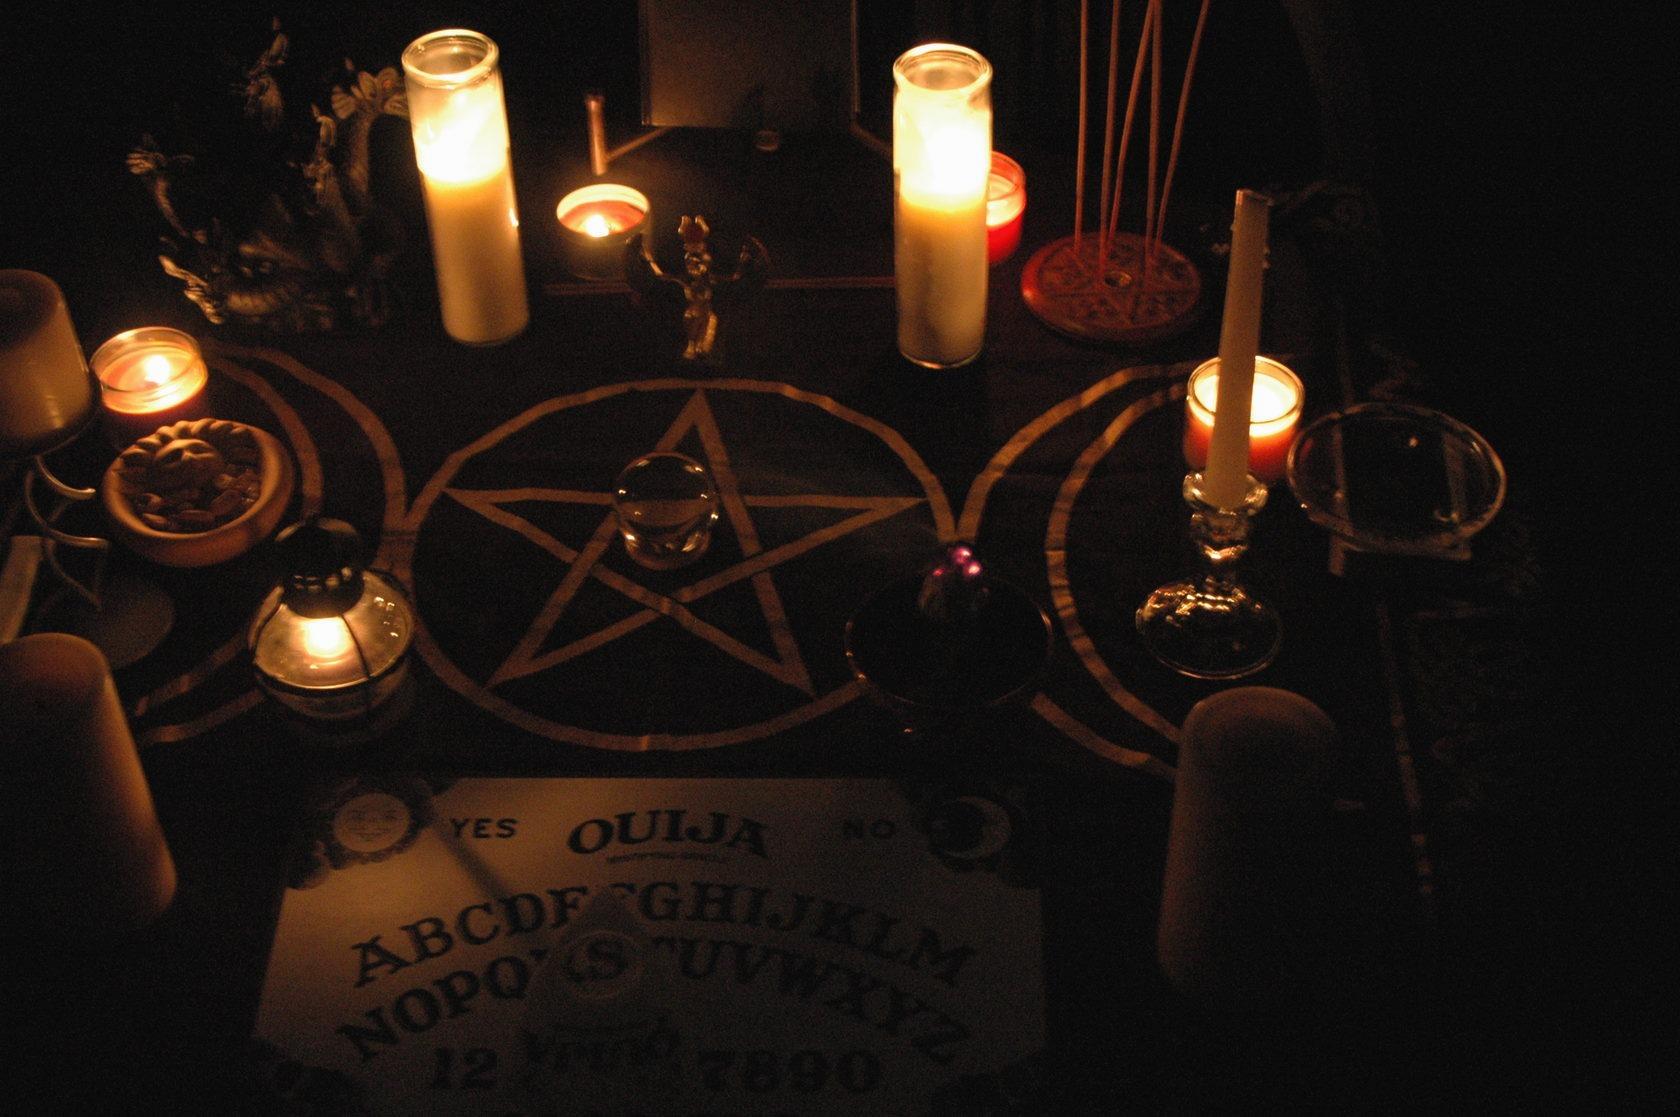 Как найти готовые действенные ритуалы, если все они кажутся бесполезными